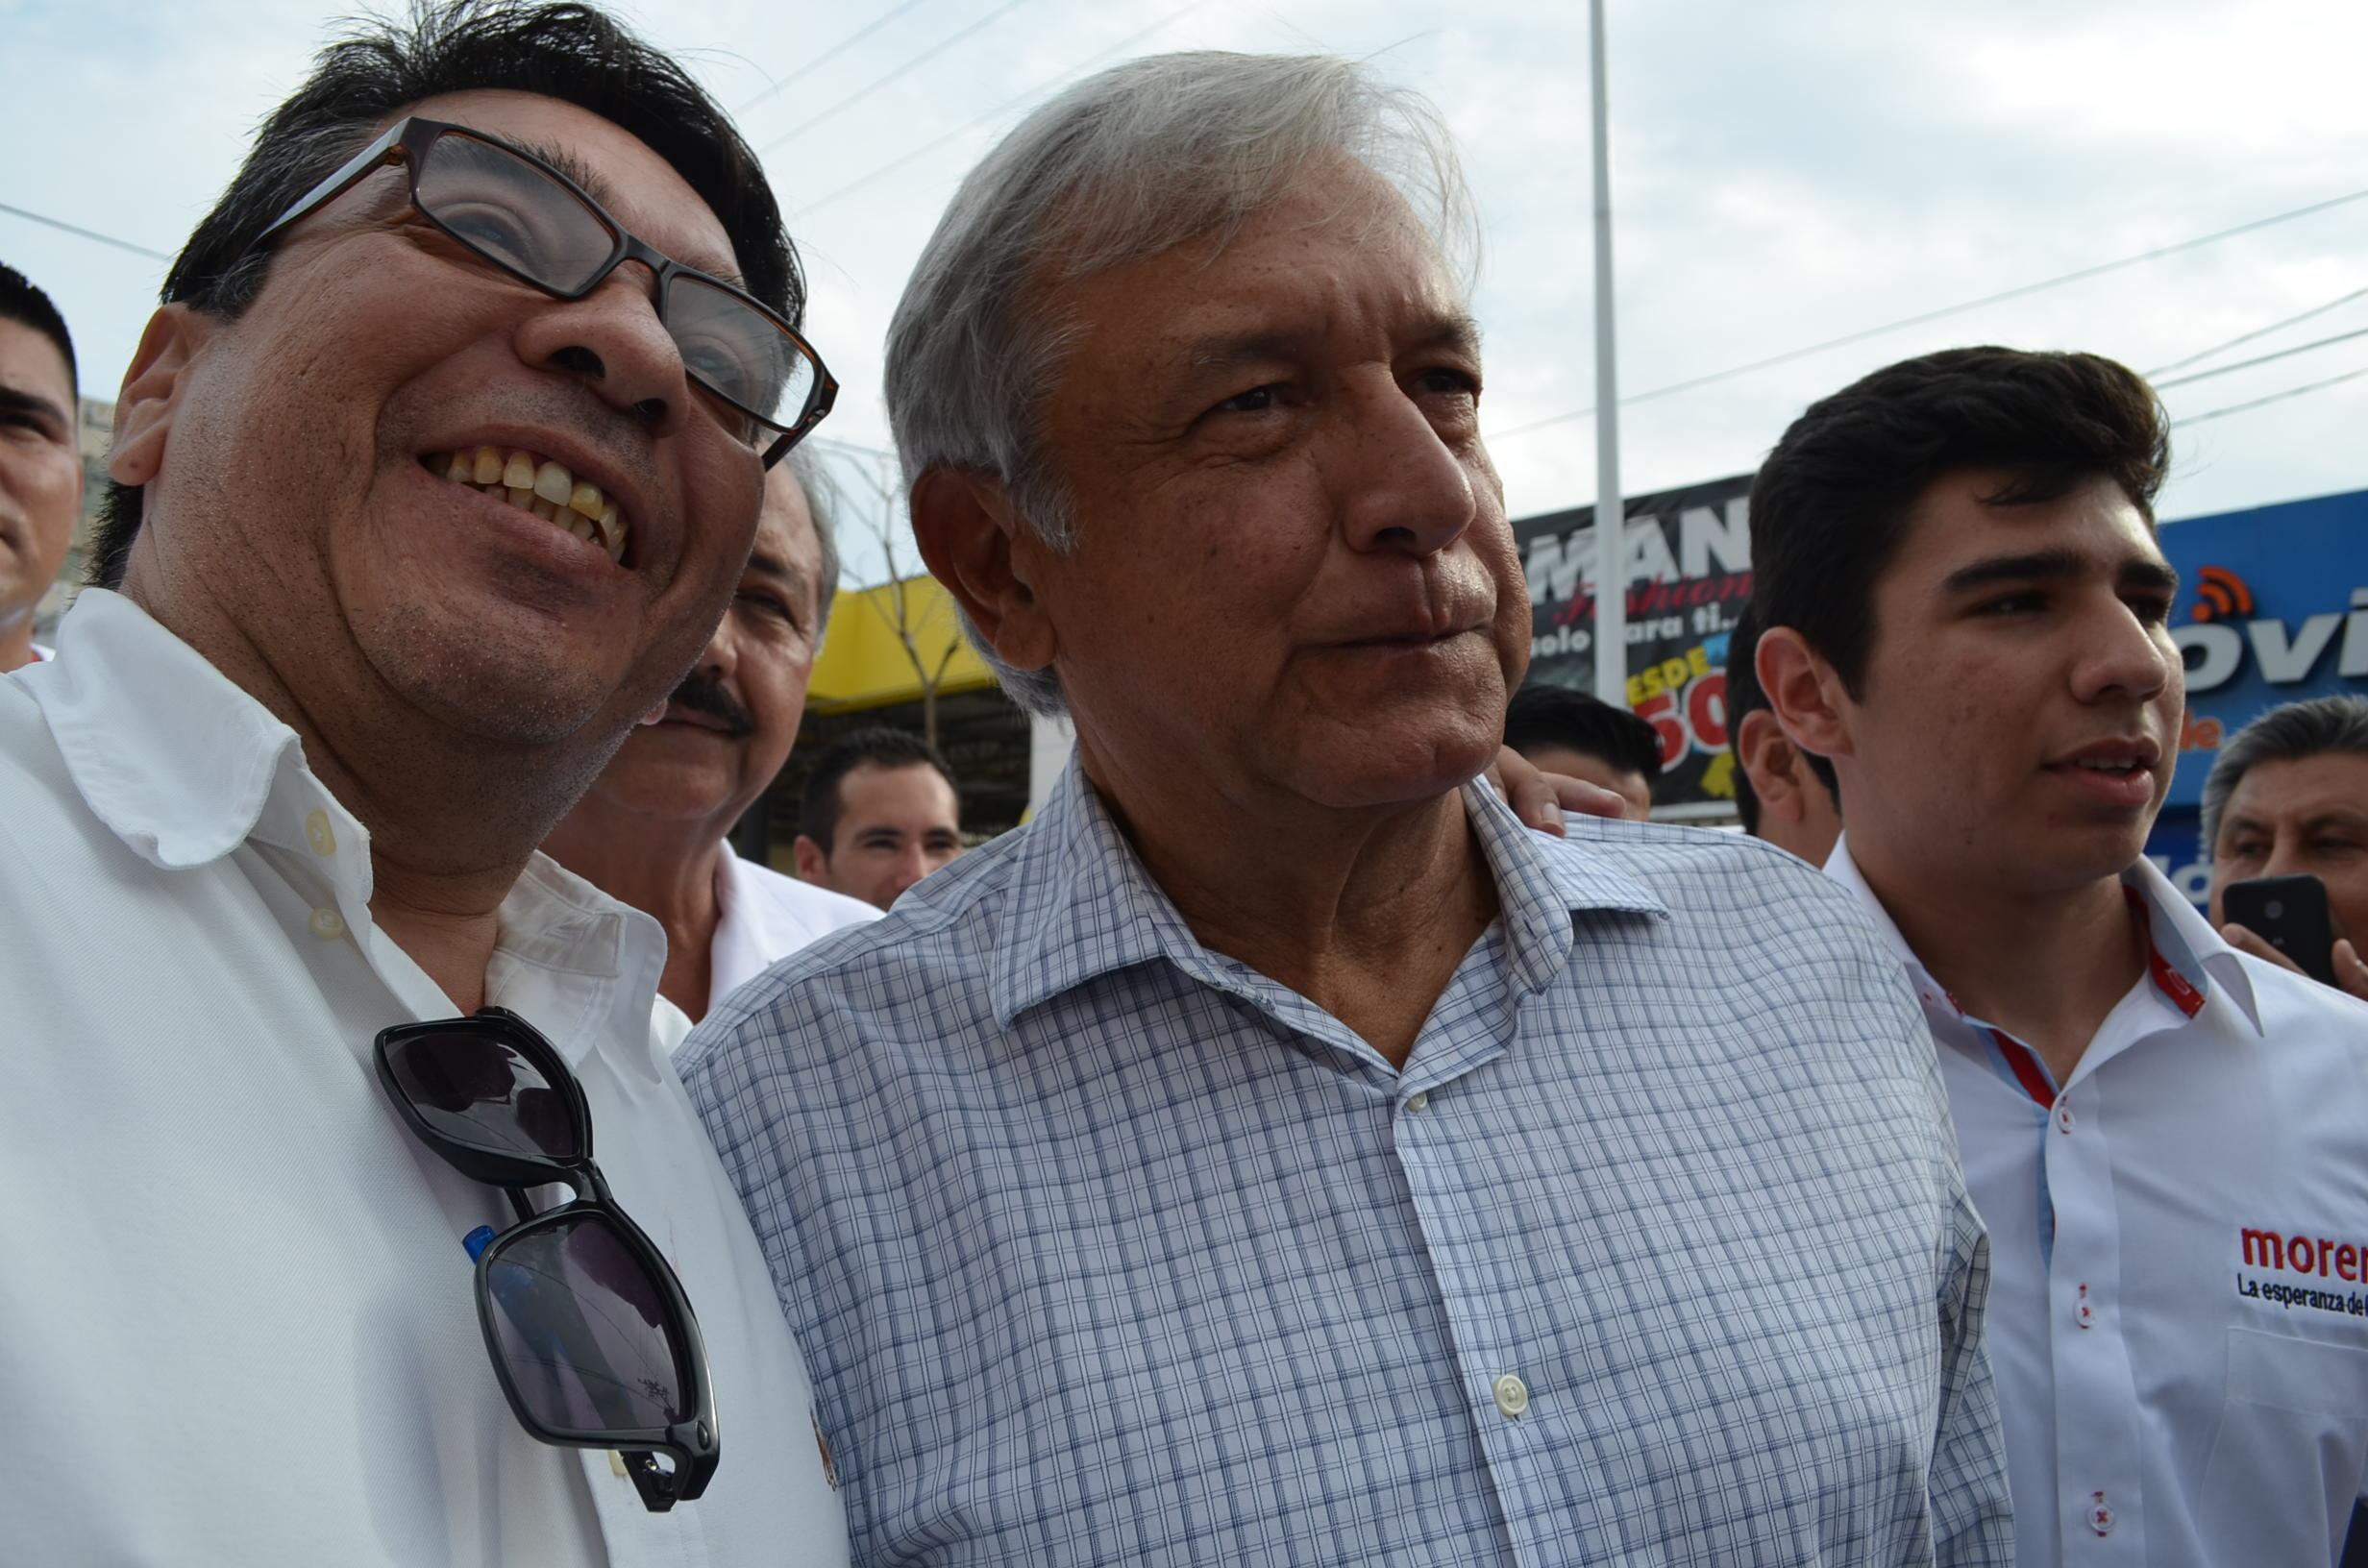 AMLO, siendo recibido por simpatizantes del partido. Fotografía: Gabriela Sánchez